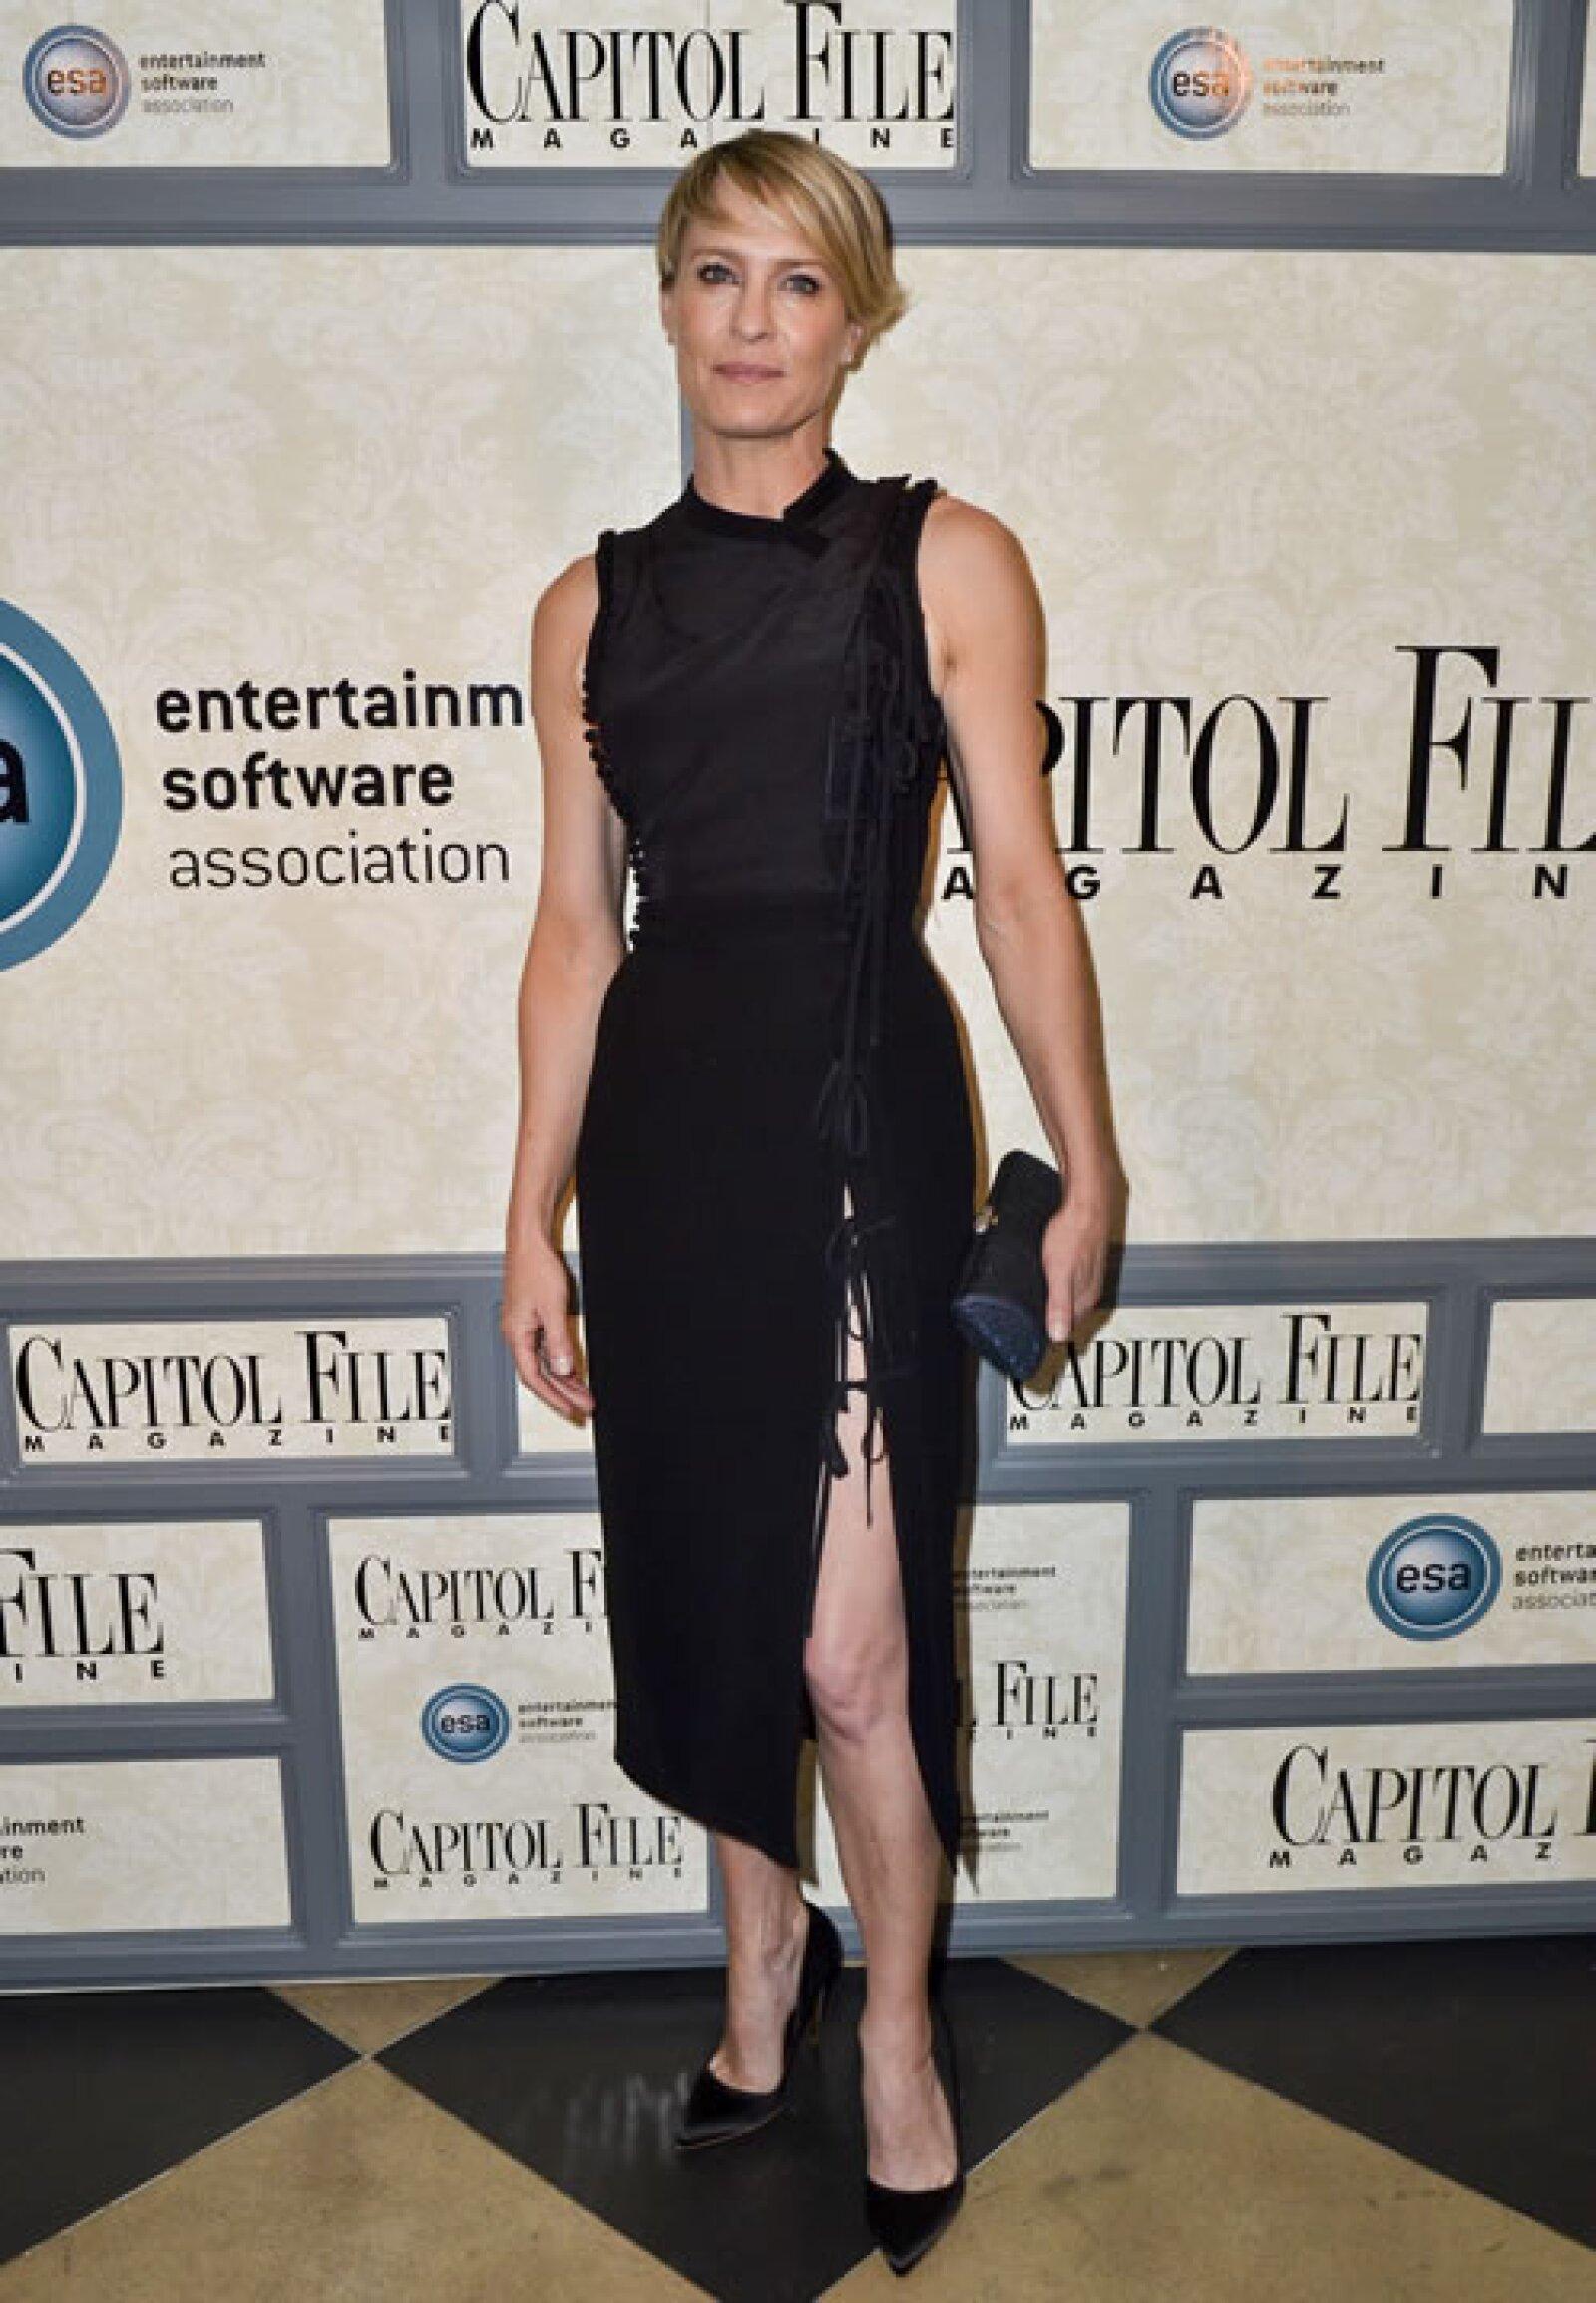 La protagonista de House of Cards, Robin Wright, es otra de las celebs que está a punto de alcanzar los 50, con unas envidiables curvas que destaca con entallados vestidos y por supuesto, sus atléticas piernas.